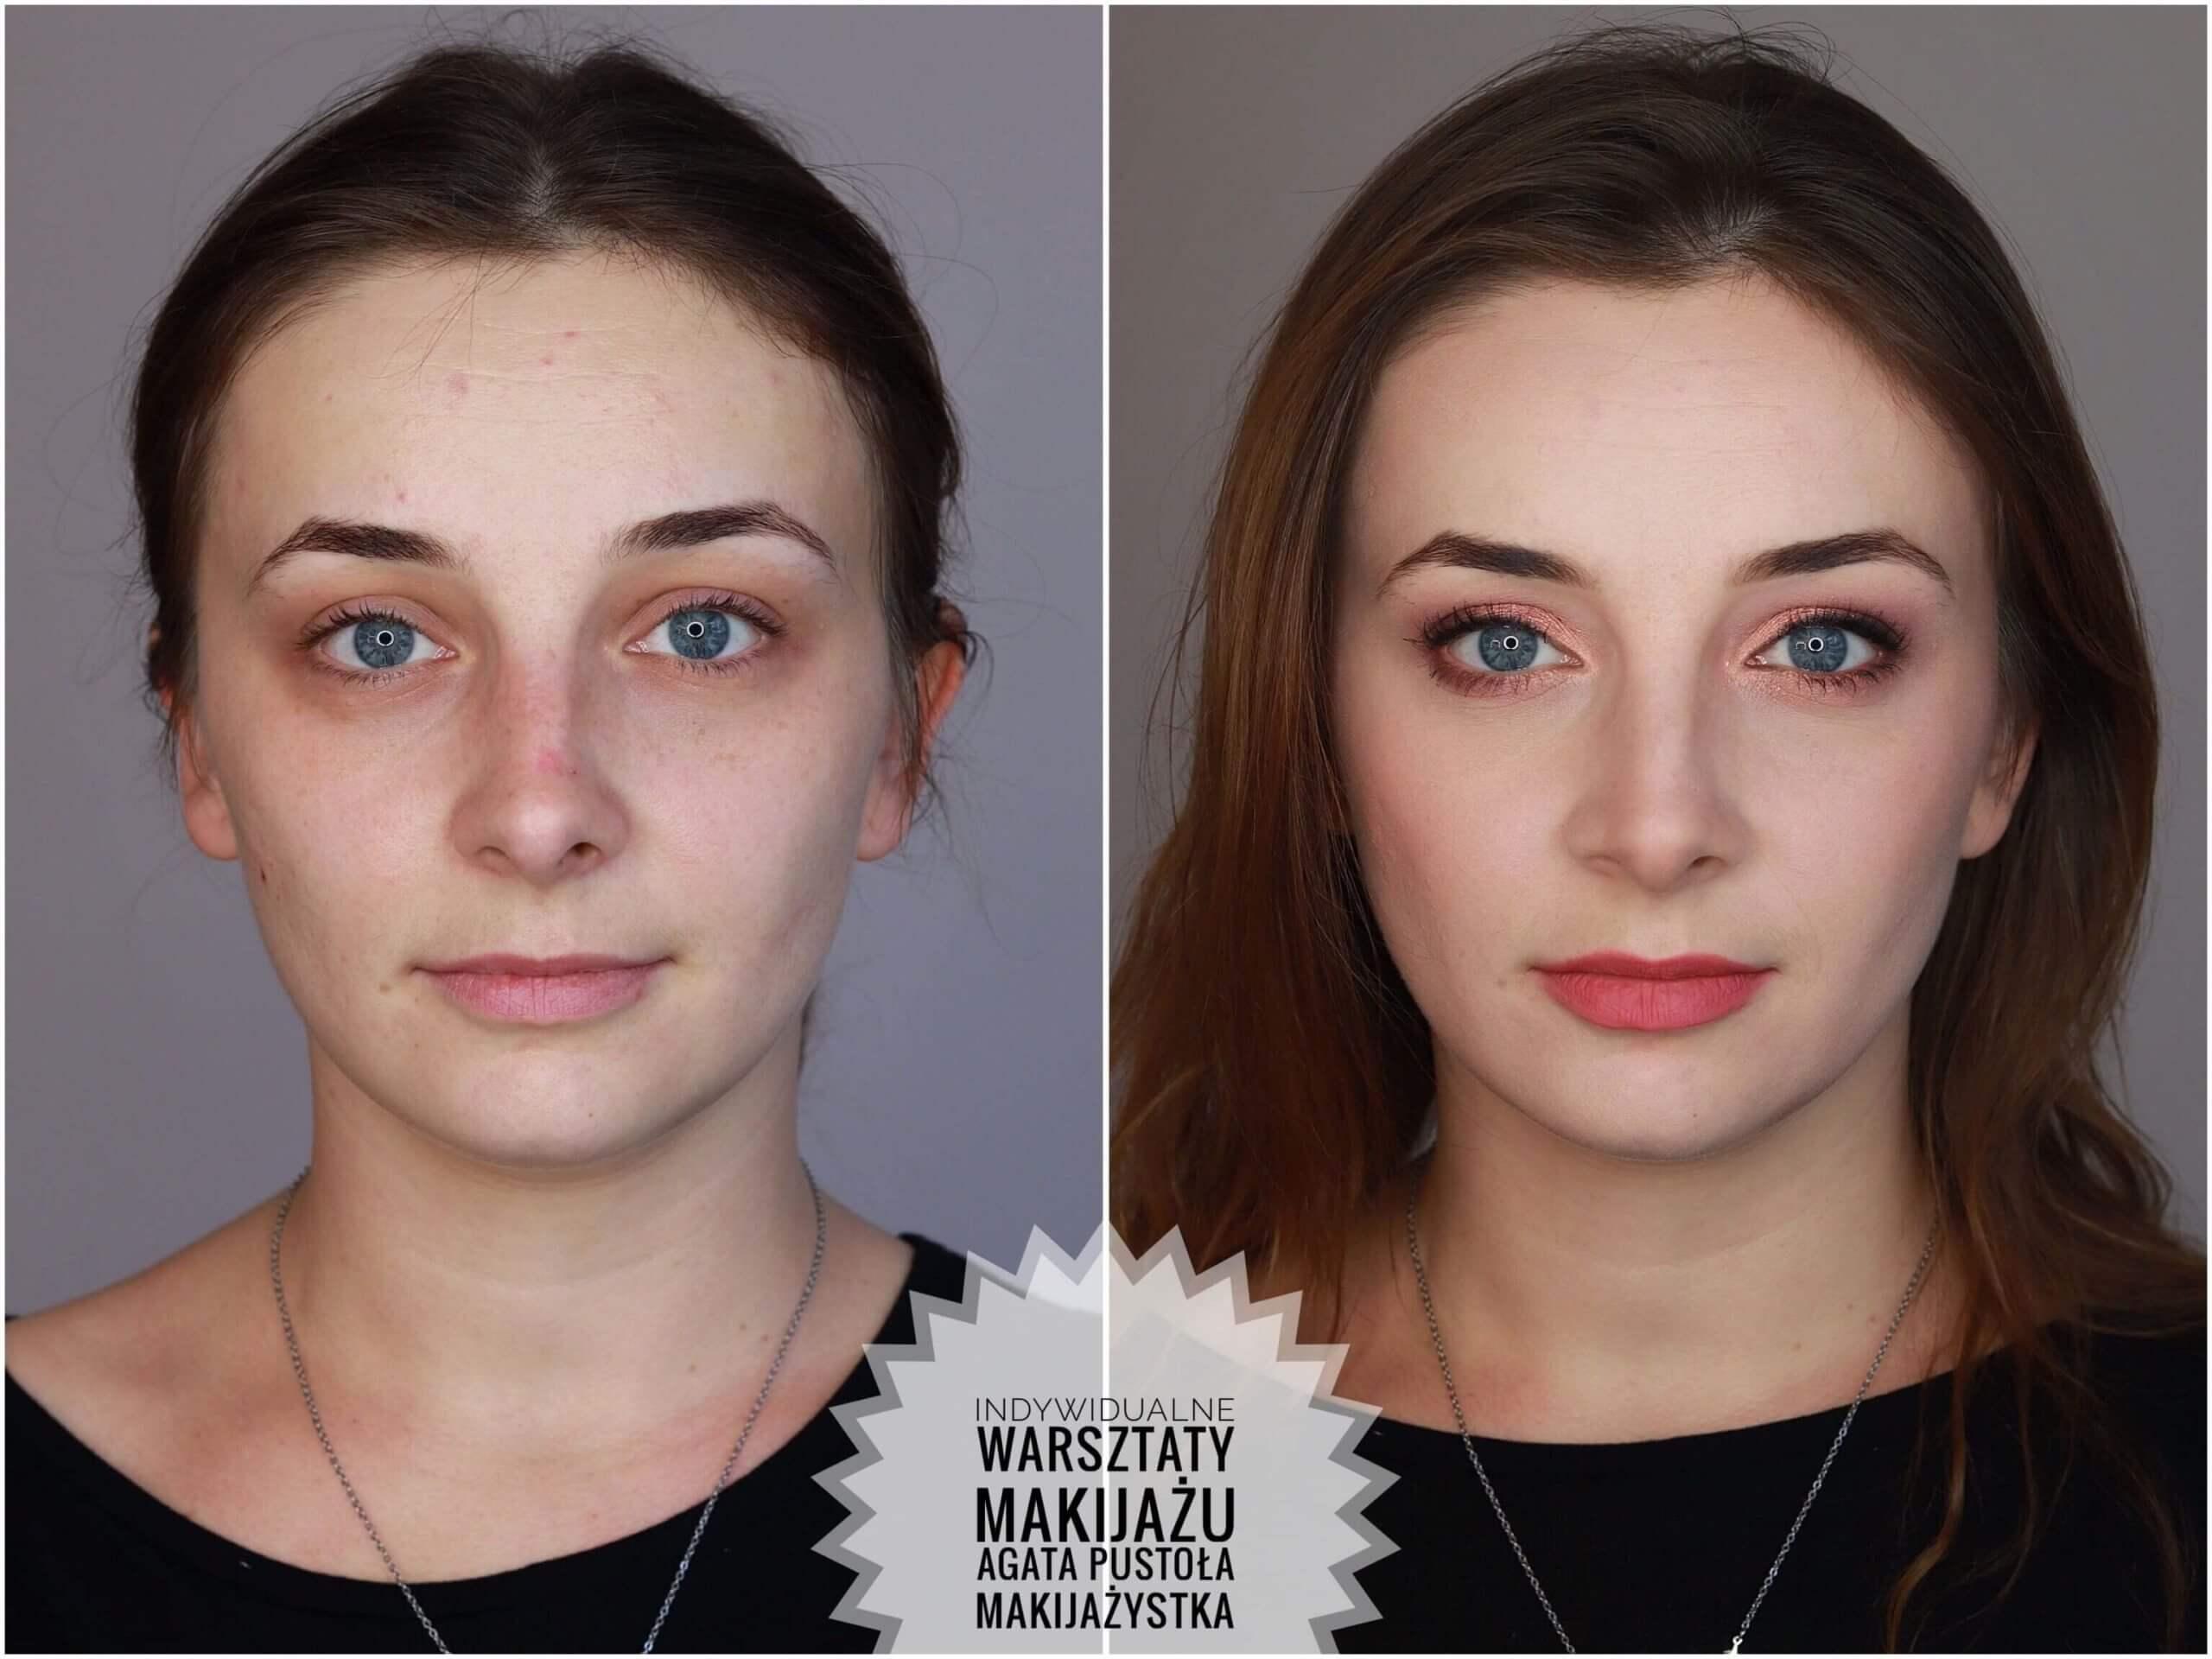 warsztaty makijażu wieczorowego Warszawa